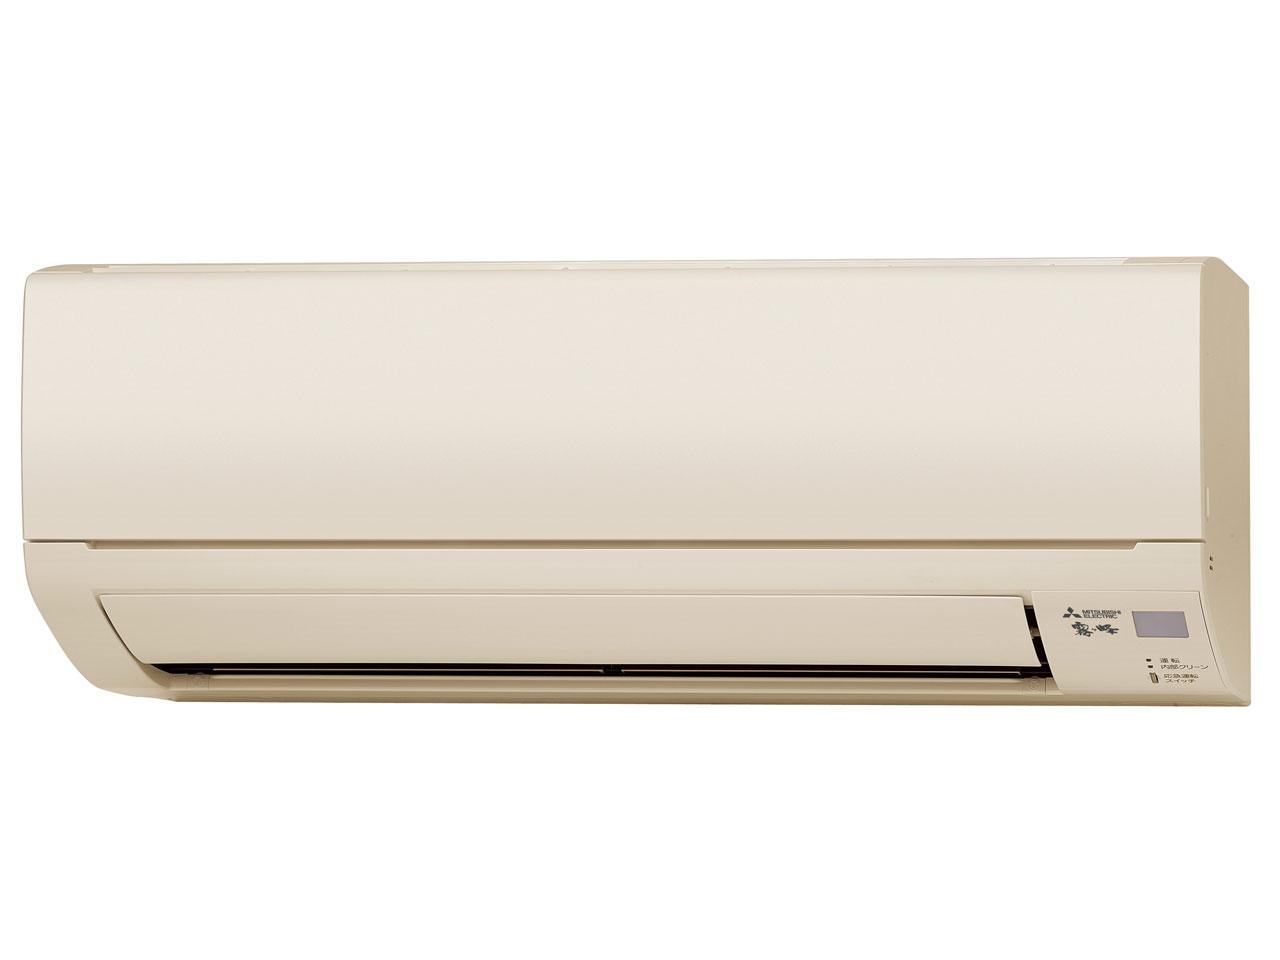 三菱 2018年モデル 霧ヶ峰 GVシリーズ冷暖房6畳用エアコンMSZ-GV2218-T